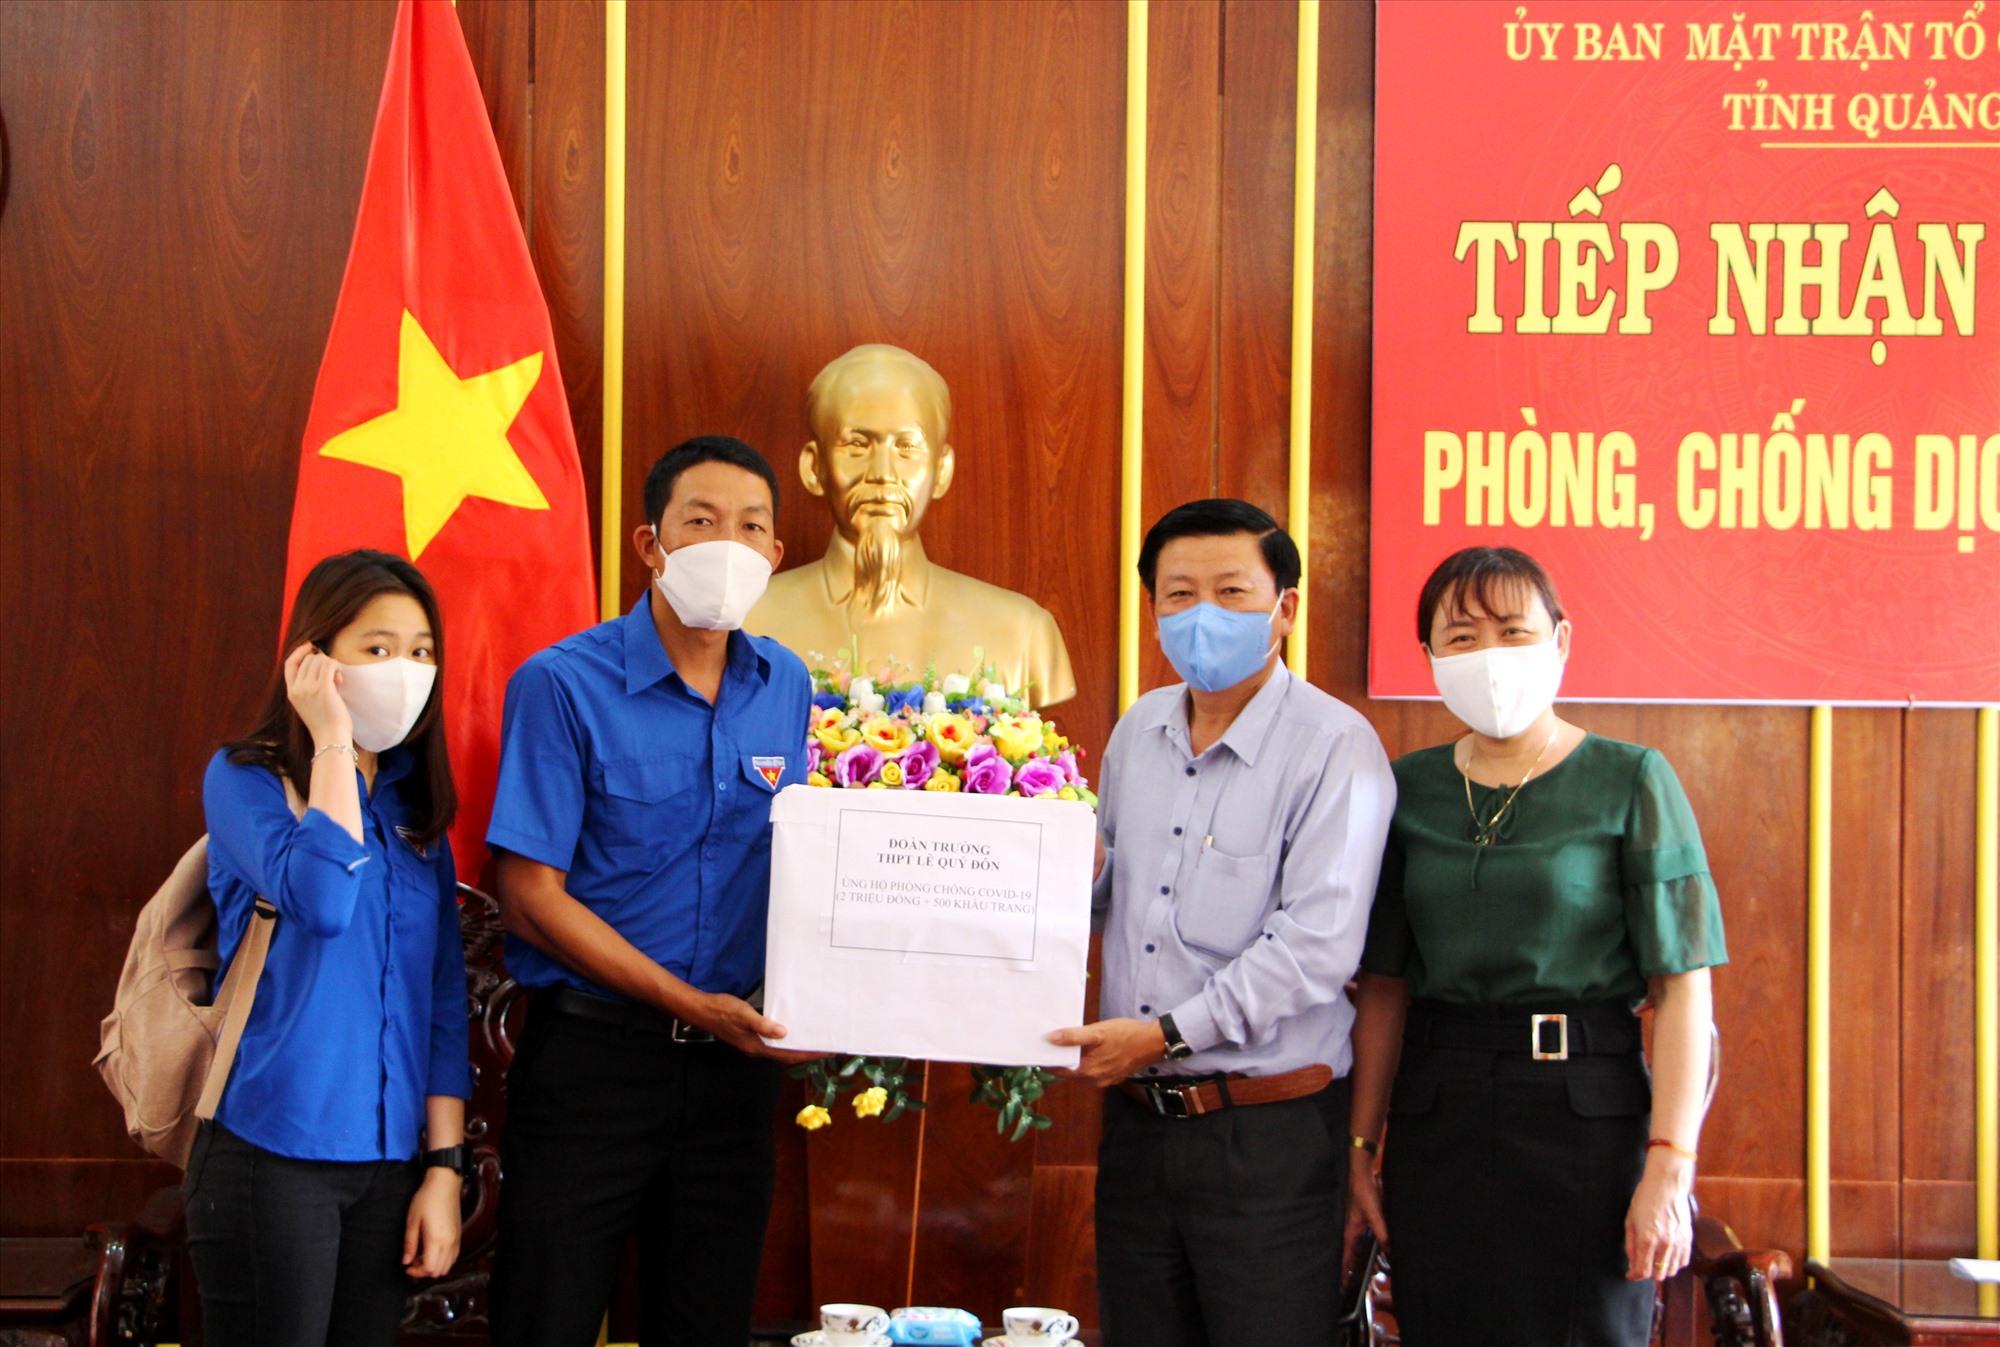 Đại diện Đoàn trường THPT Lê Quý Đôn ủng hộ phòng chống dịch Covid-19 tại Ủy ban MTTQ Việt Nam tỉnh. Ảnh: Đ.N